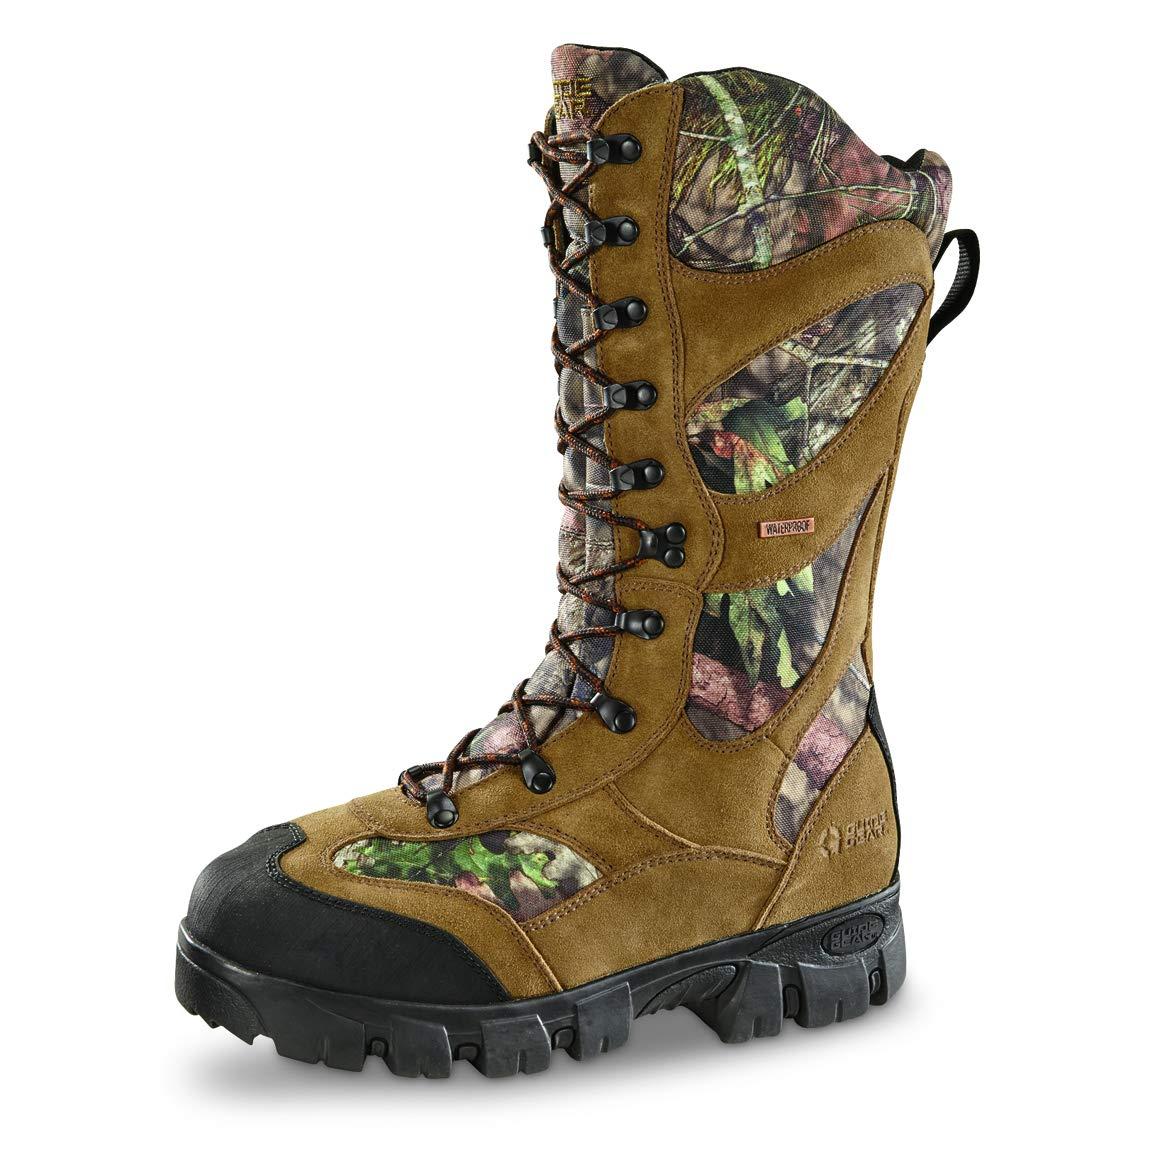 Guide Gear Giant Timber II Men'sInsulated Waterproof Hunting Boots, 1,400-gram, Mossy Oak, Mossy Oak Break-Up Country, 10.5 2E (Wide) by Guide Gear